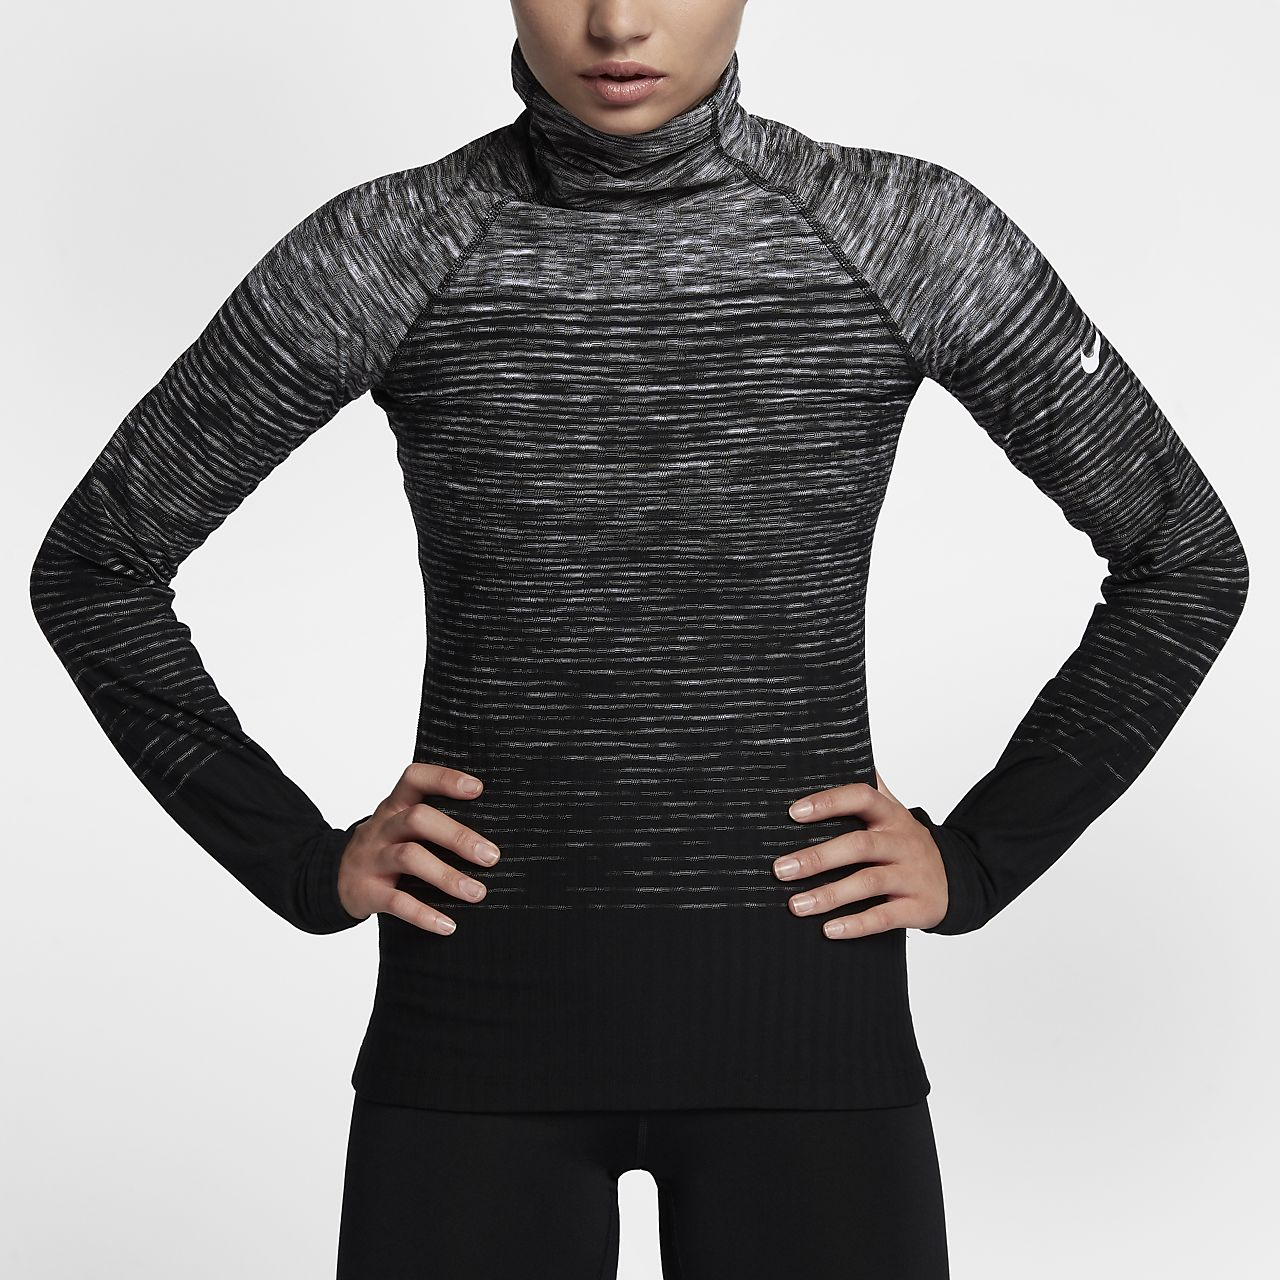 เสื้อเทรนนิ่งแขนยาวผู้หญิง Nike Pro HyperWarm